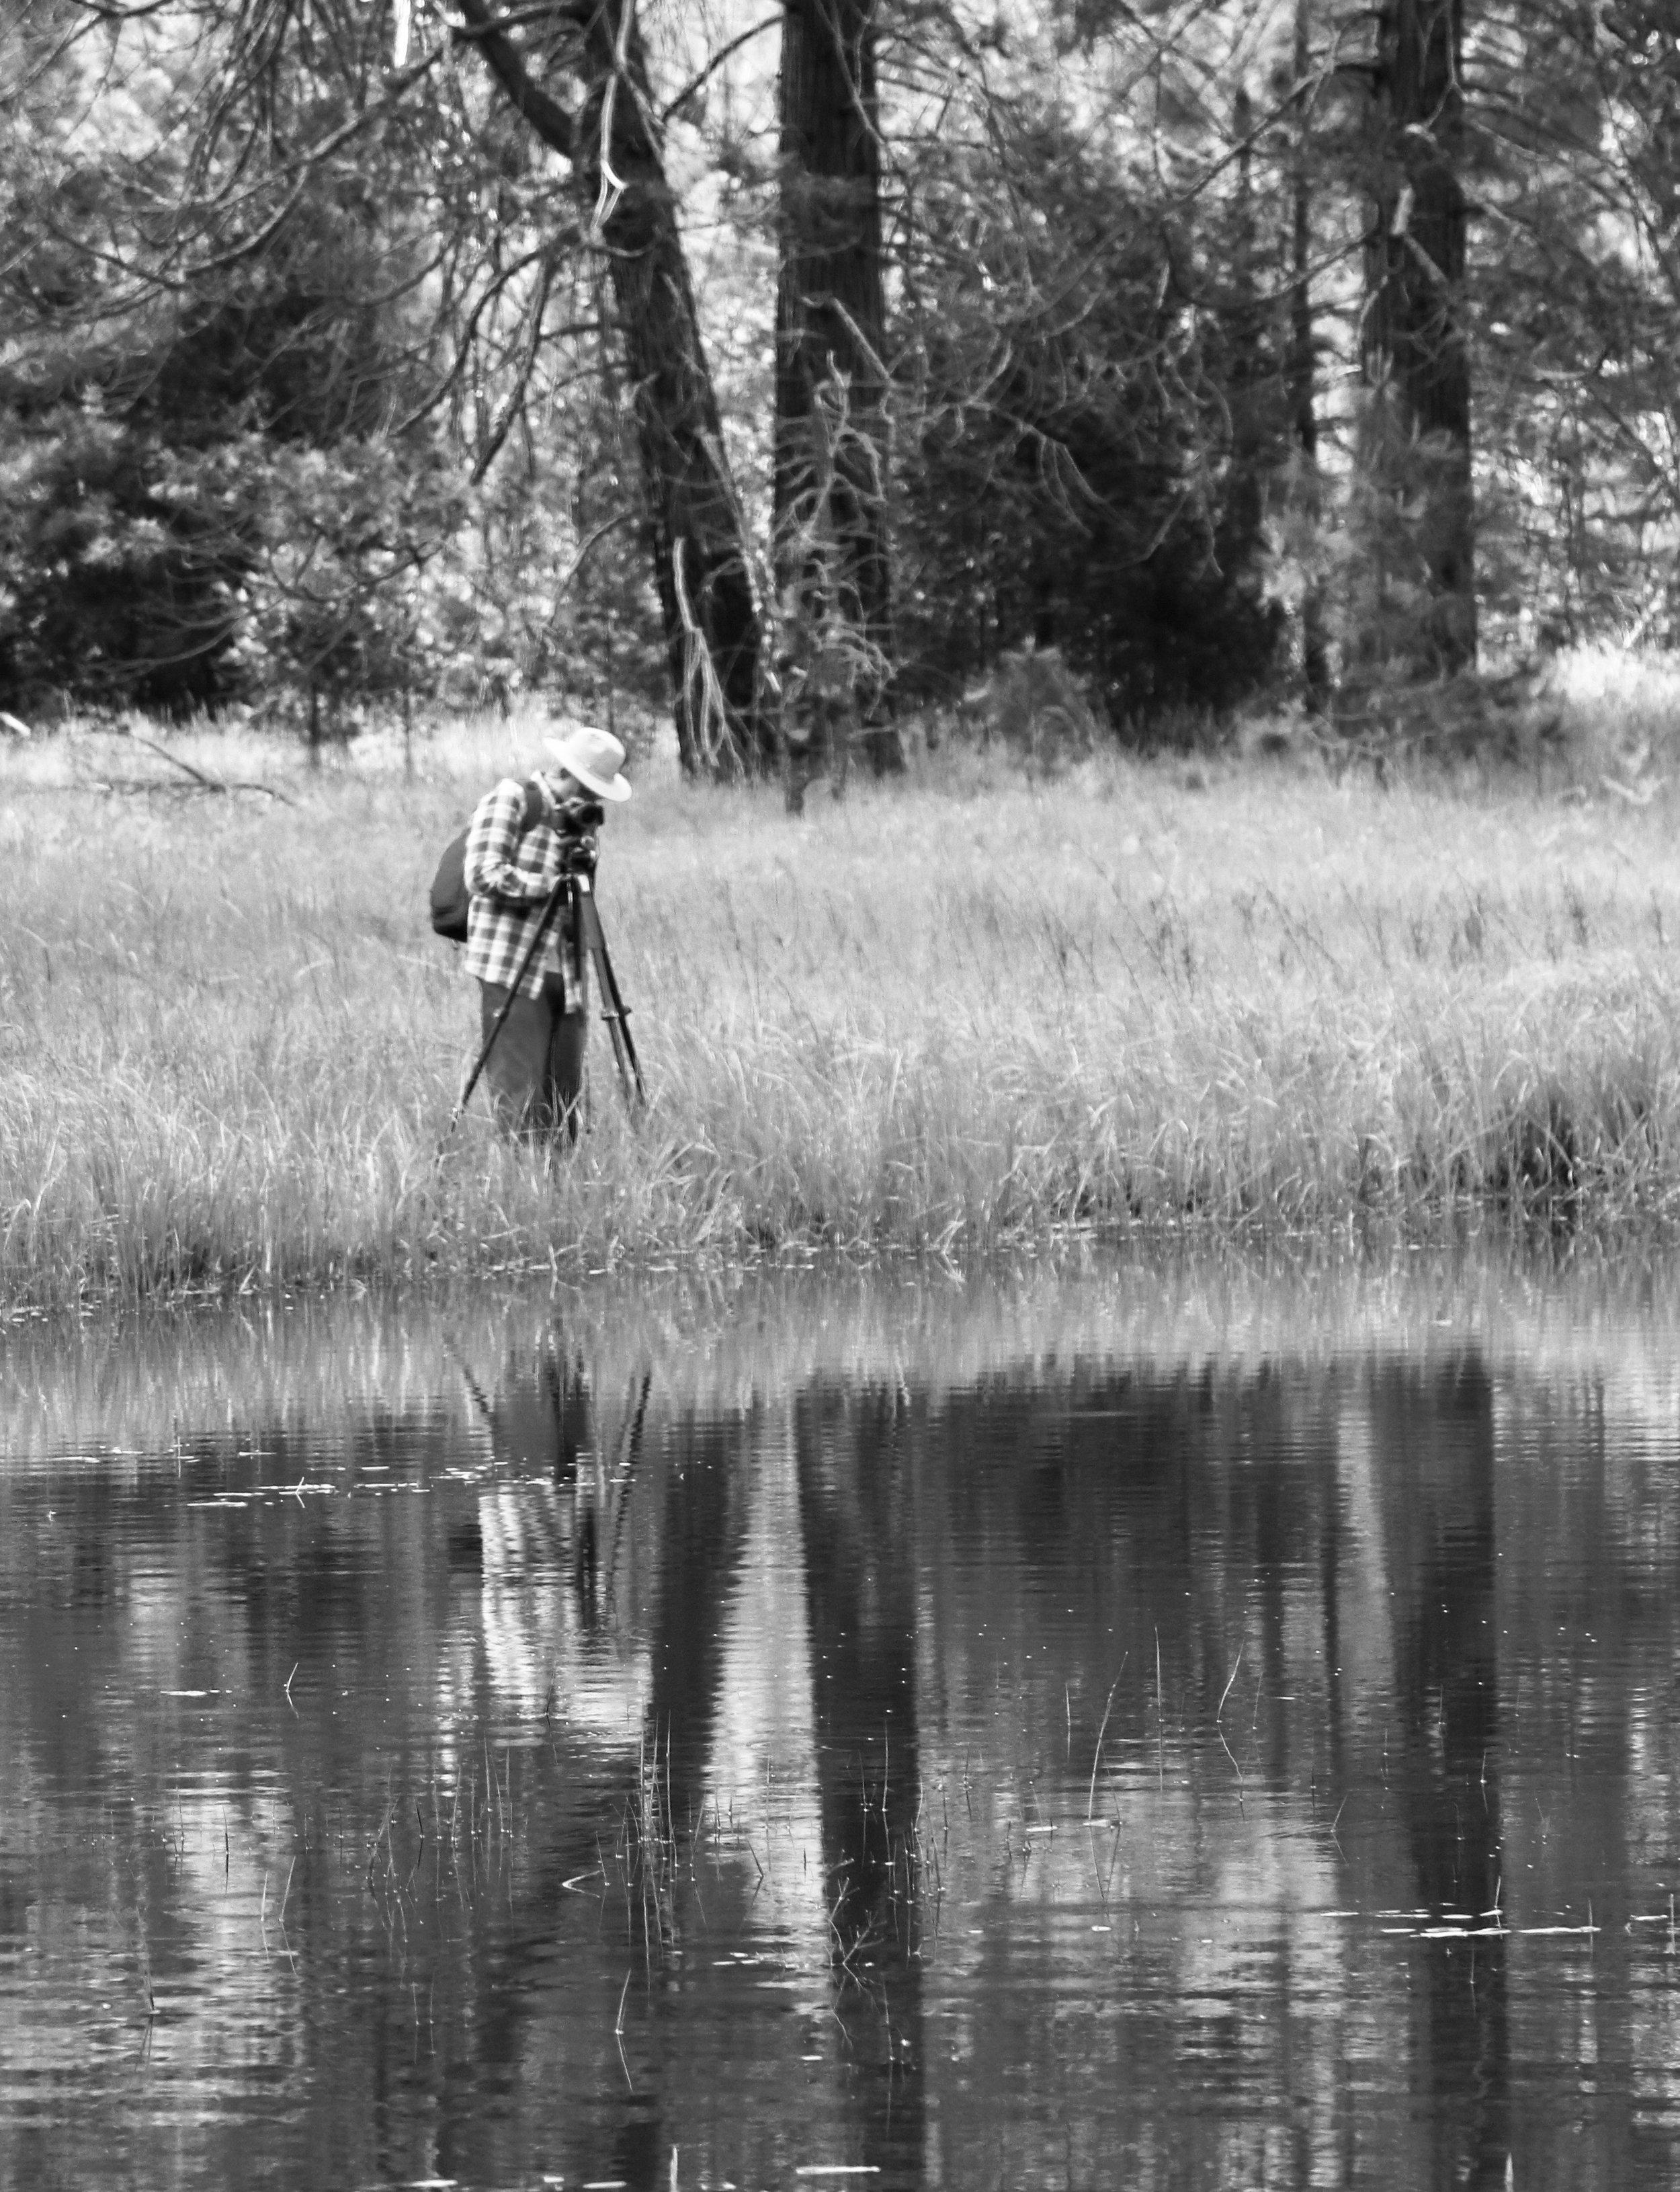 Capturing the Stillness of Morning - Yosemite